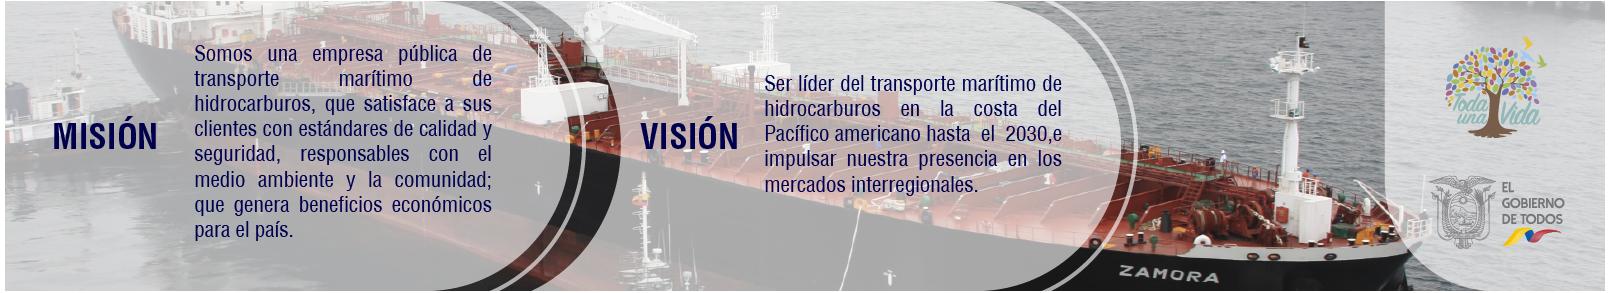 Misión:Somos una Empresa publica de transporte marítimo de hidrocarburos que satisface a sus clientes con estándares de calidad y seguridad, responsable con el medio ambiente y la comunidad; que genera beneficios económicos para el país. Visión: Ser líder del transporte marítimo de hidrocarburos en la costa del Pacífico americano hasta el 2030, e impulsar nuestra presencia en los mercados intencionales.